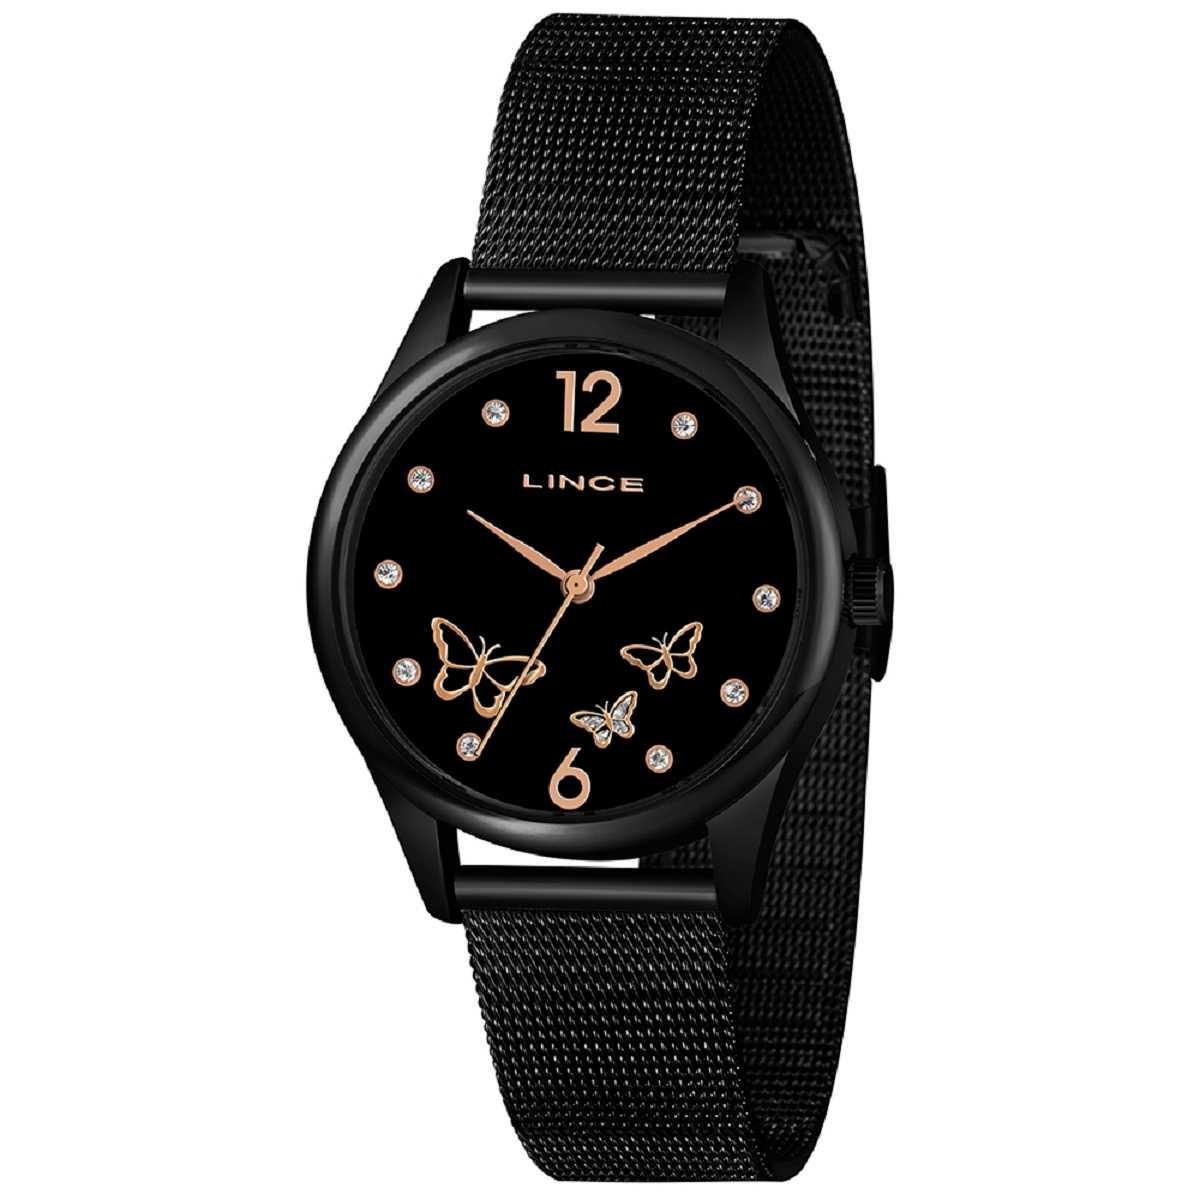 Relógio Feminino Lince Preto Pulseira Milanese LRNJ105L P2PX